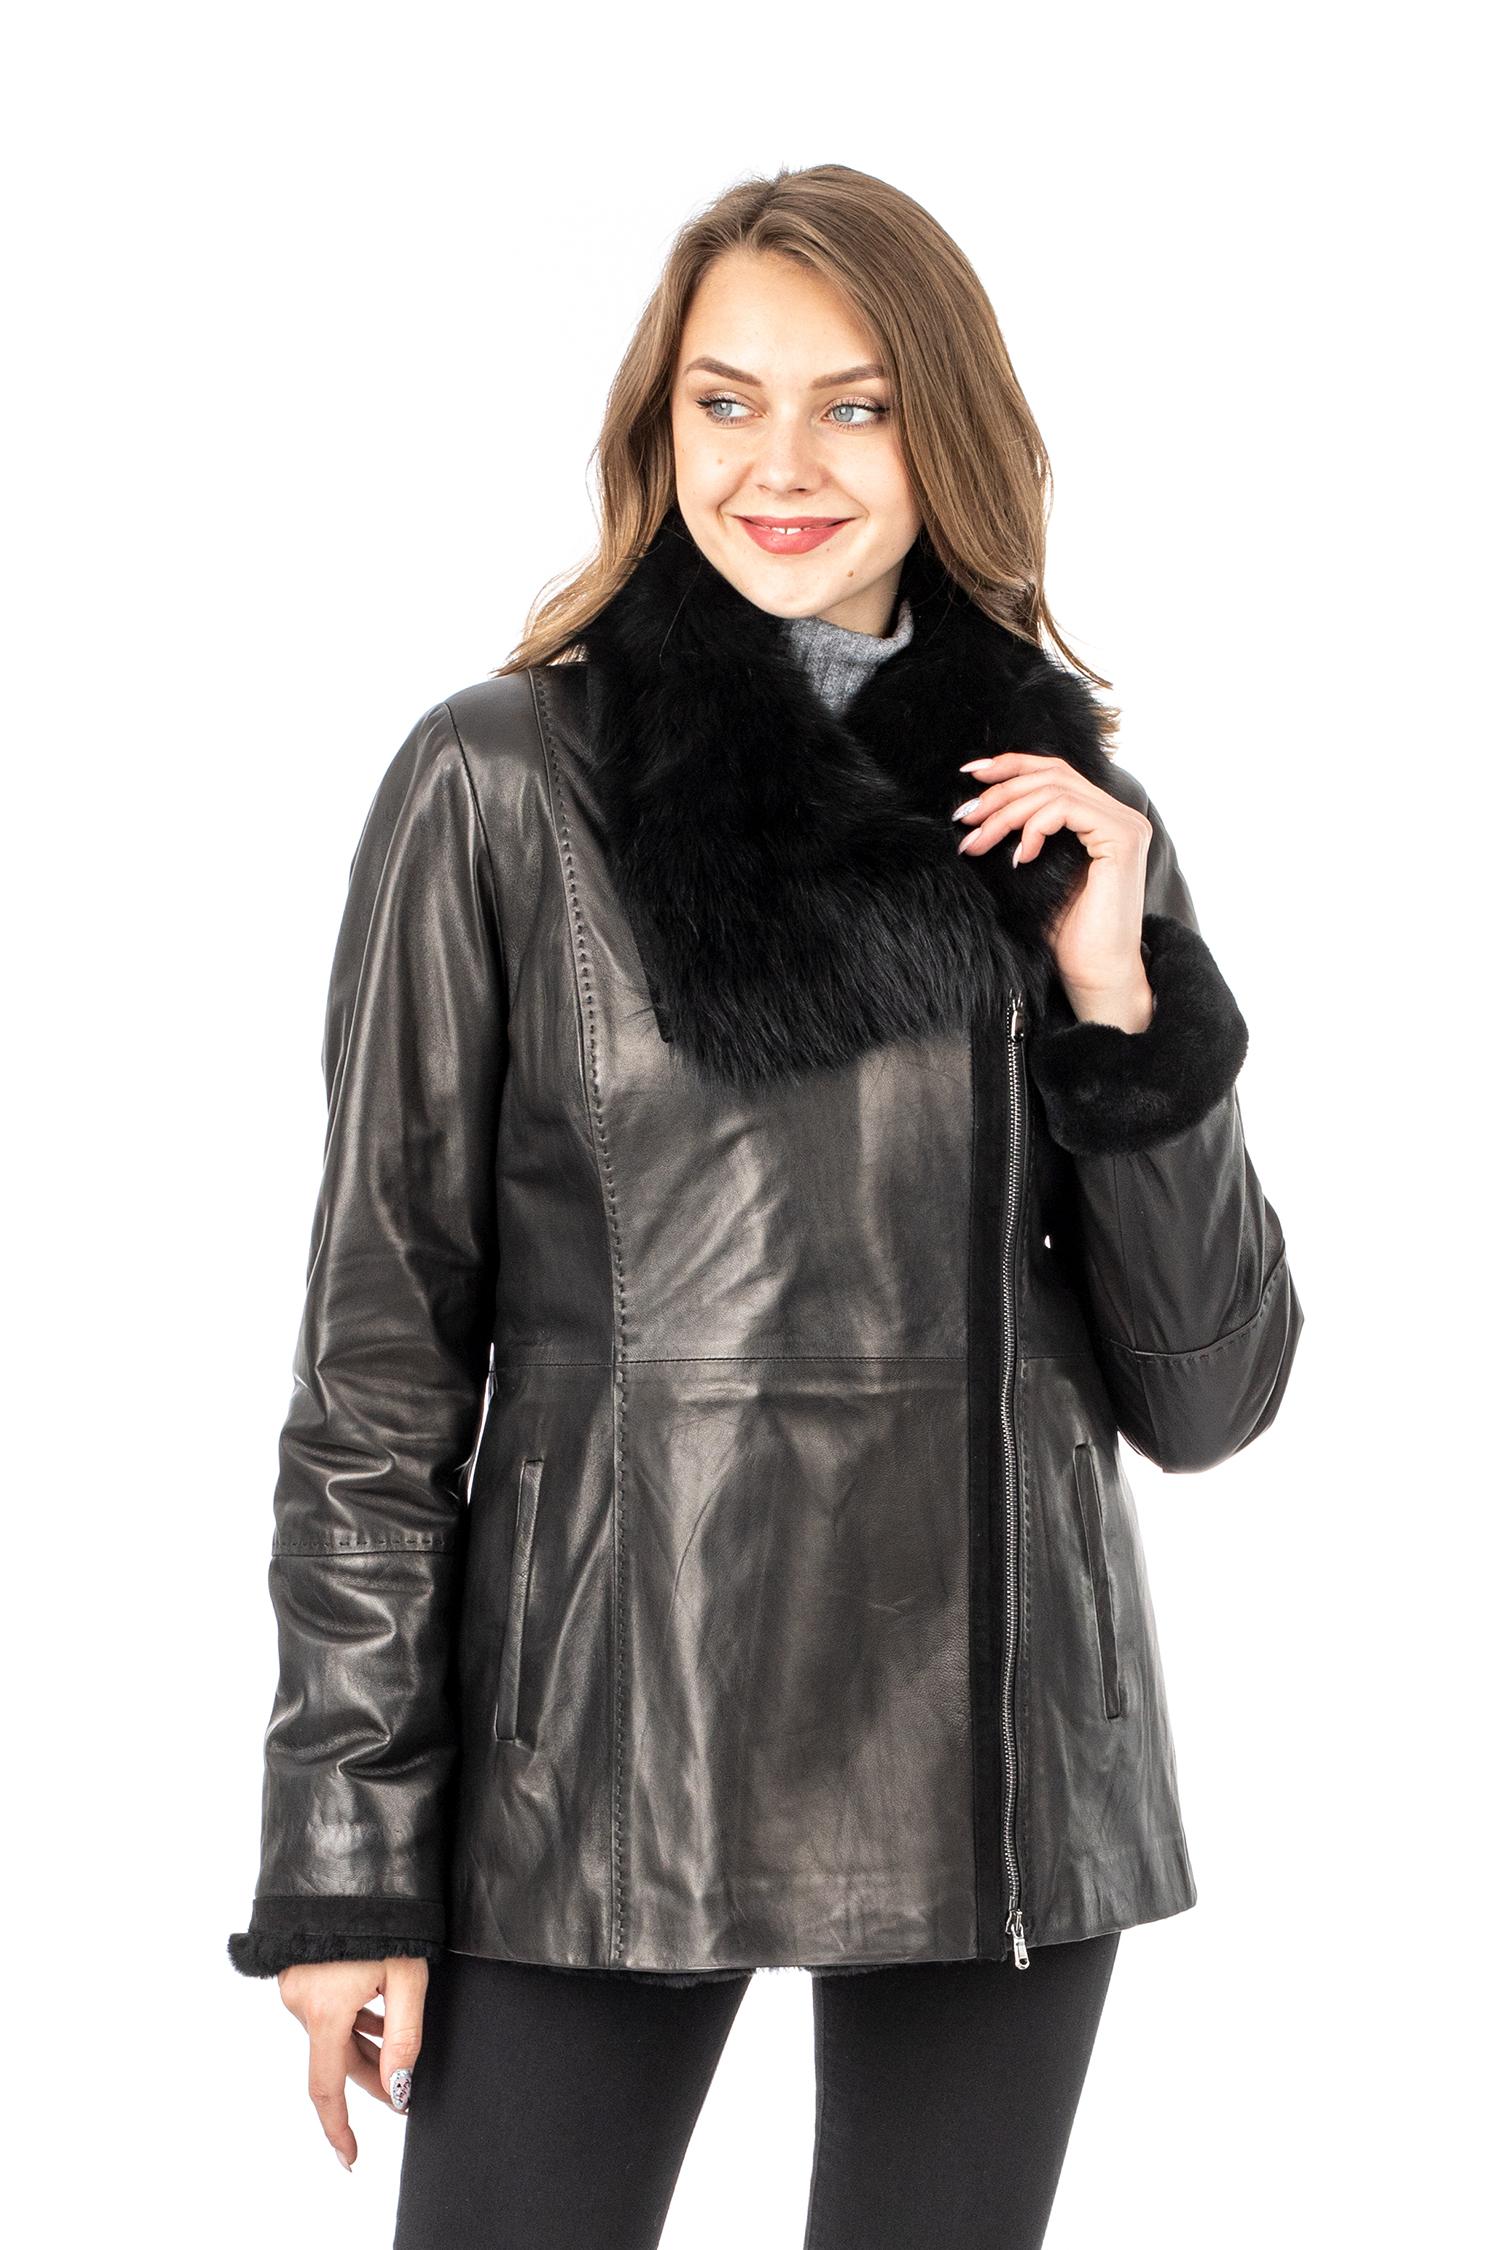 Женское кожаное пальто из натуральной кожи на меху с воротником, отделка тоскана МОСМЕХА